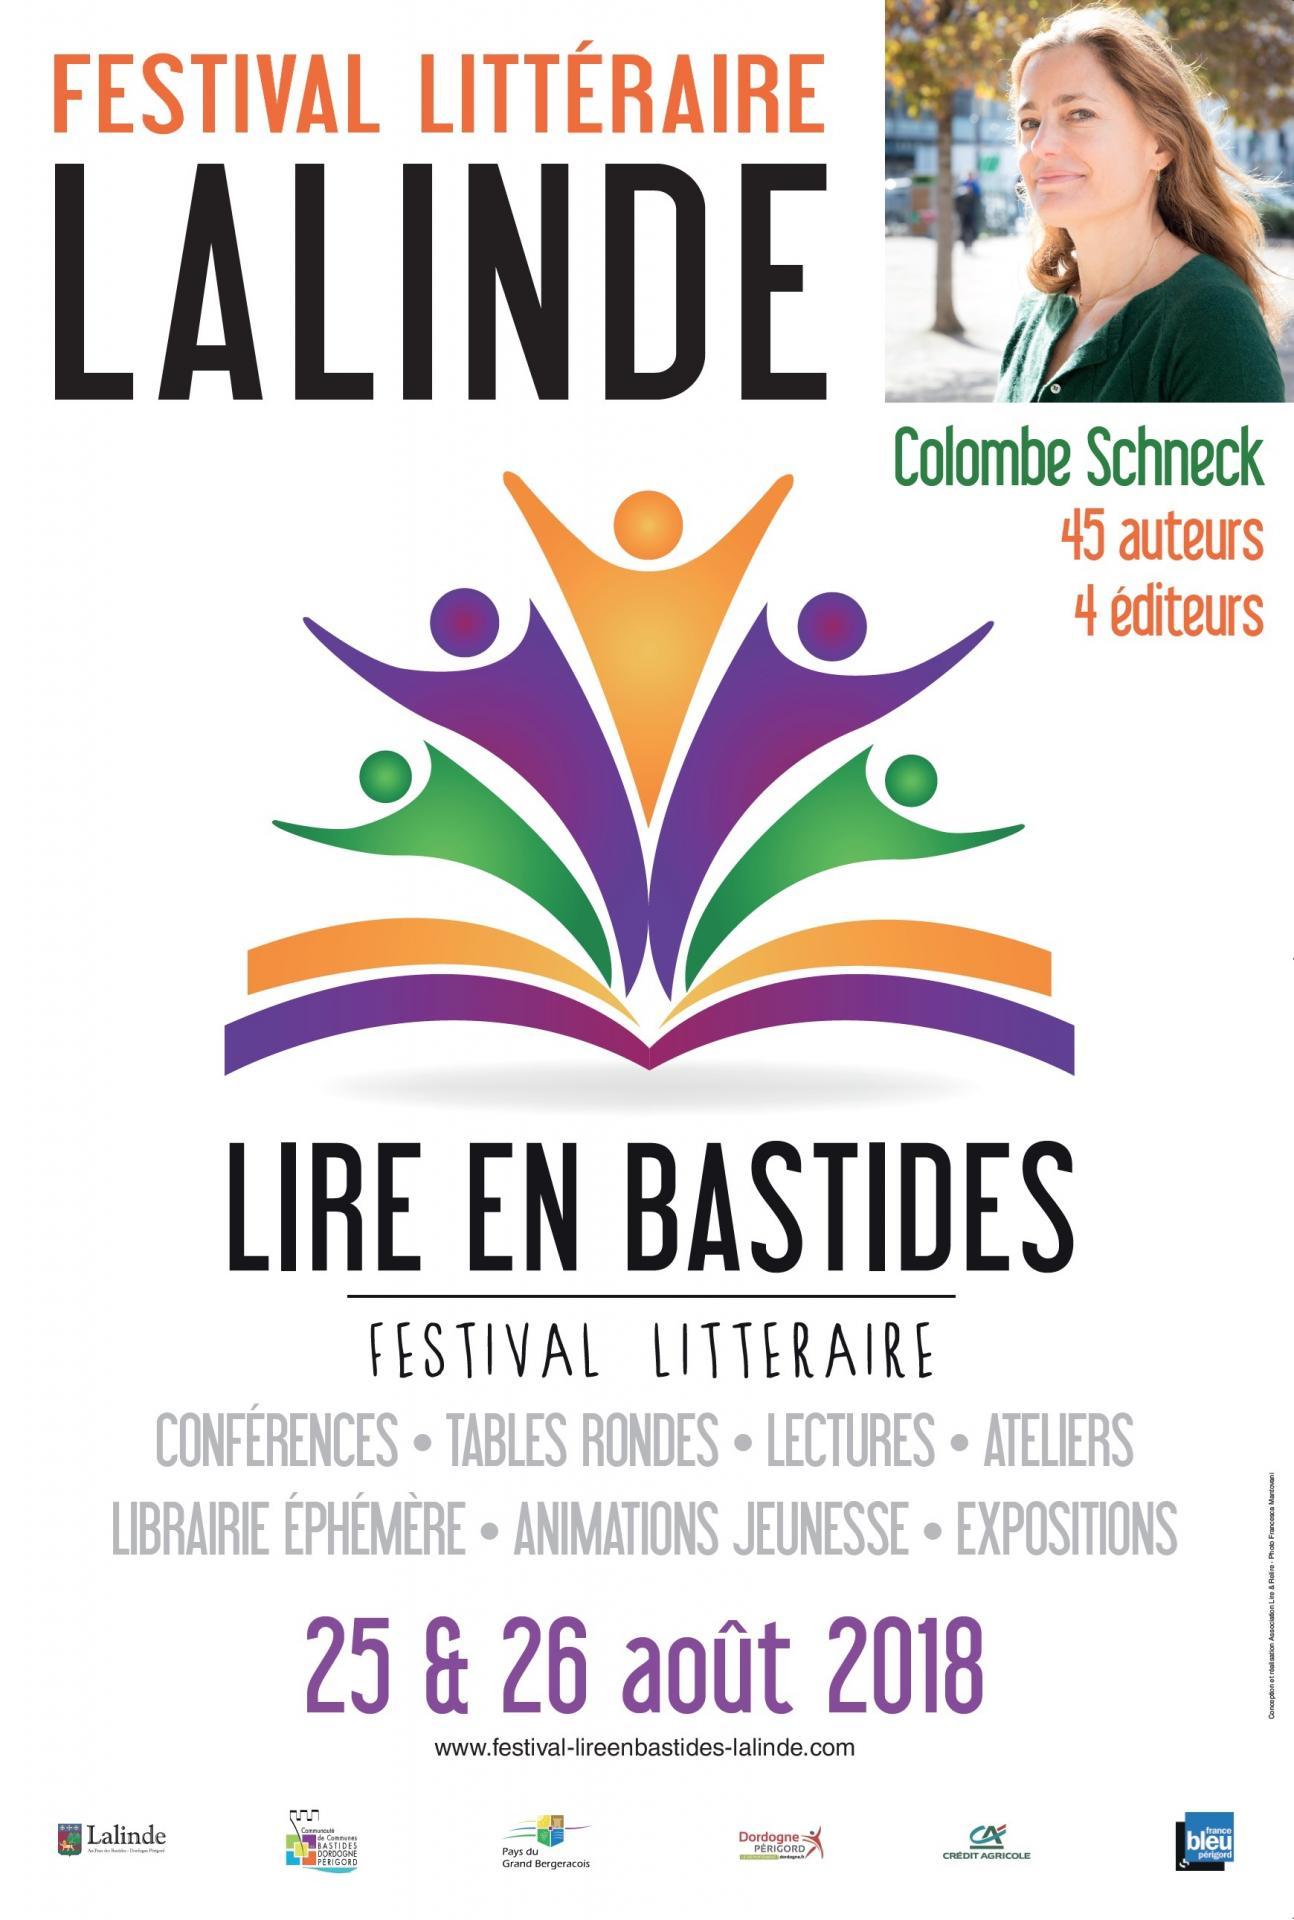 Festival litteraire de lalinde 2018